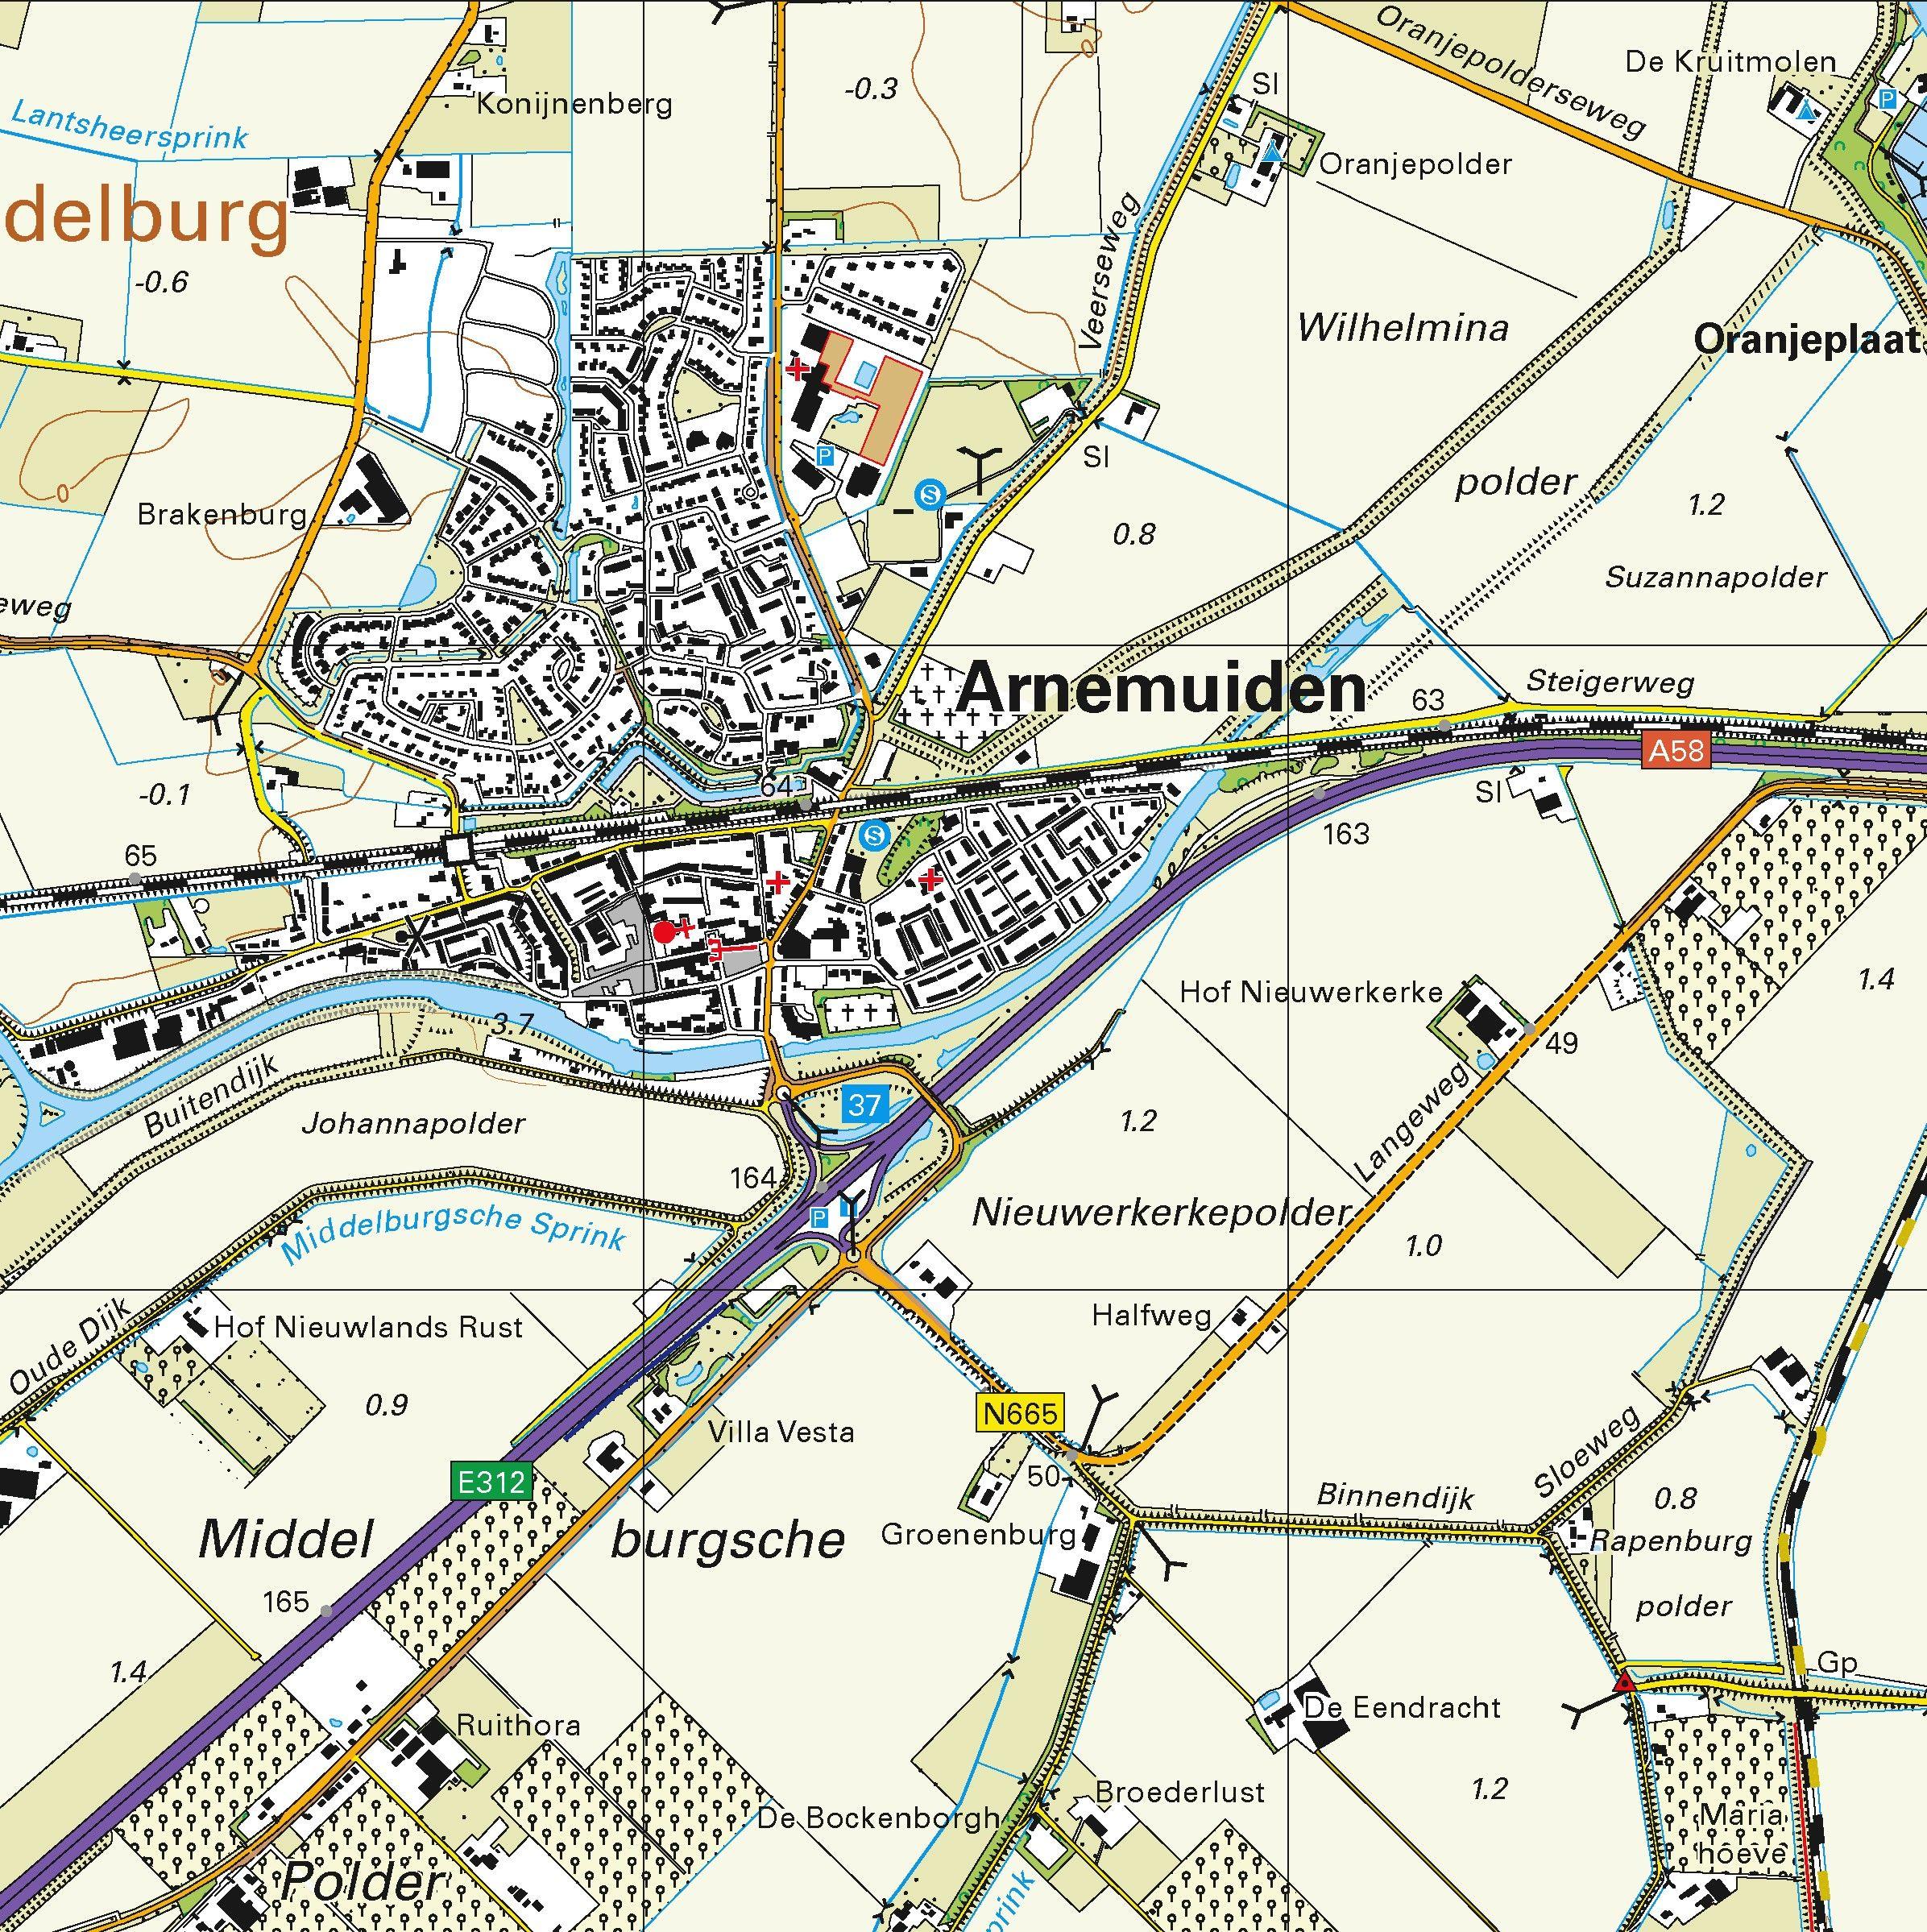 Topografische kaart schaal 1:25.000 (Middelburg, Arnemuiden, Heinkenszand, Kortgene, Burgh-Haamstede)